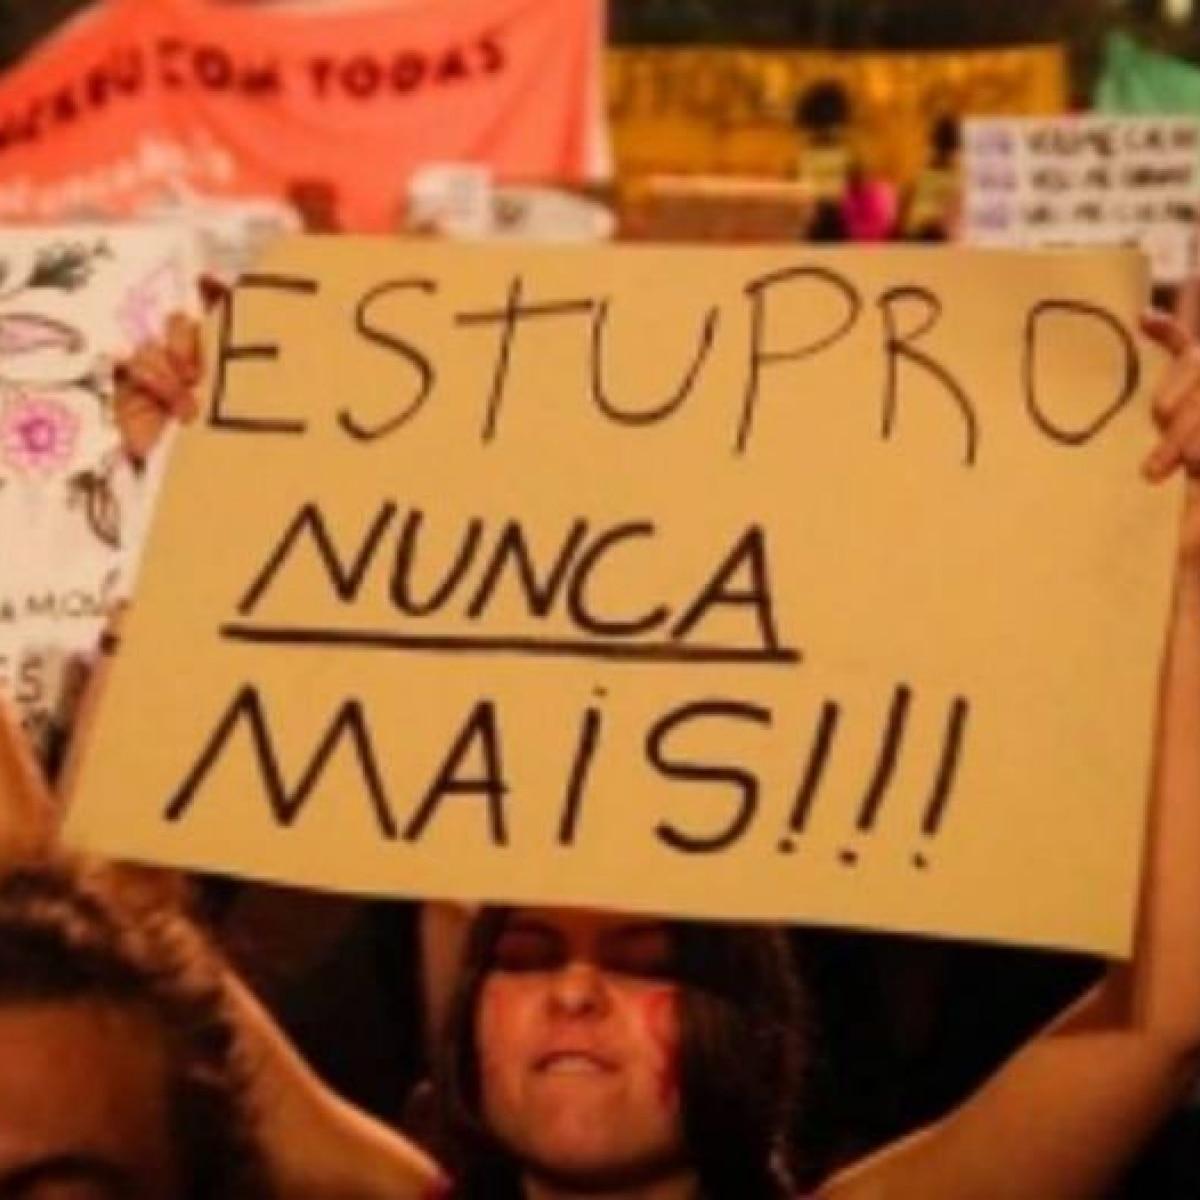 O que é estupro e qual a punição para crimes sexuais no Brasil? - Brasil - Estadão